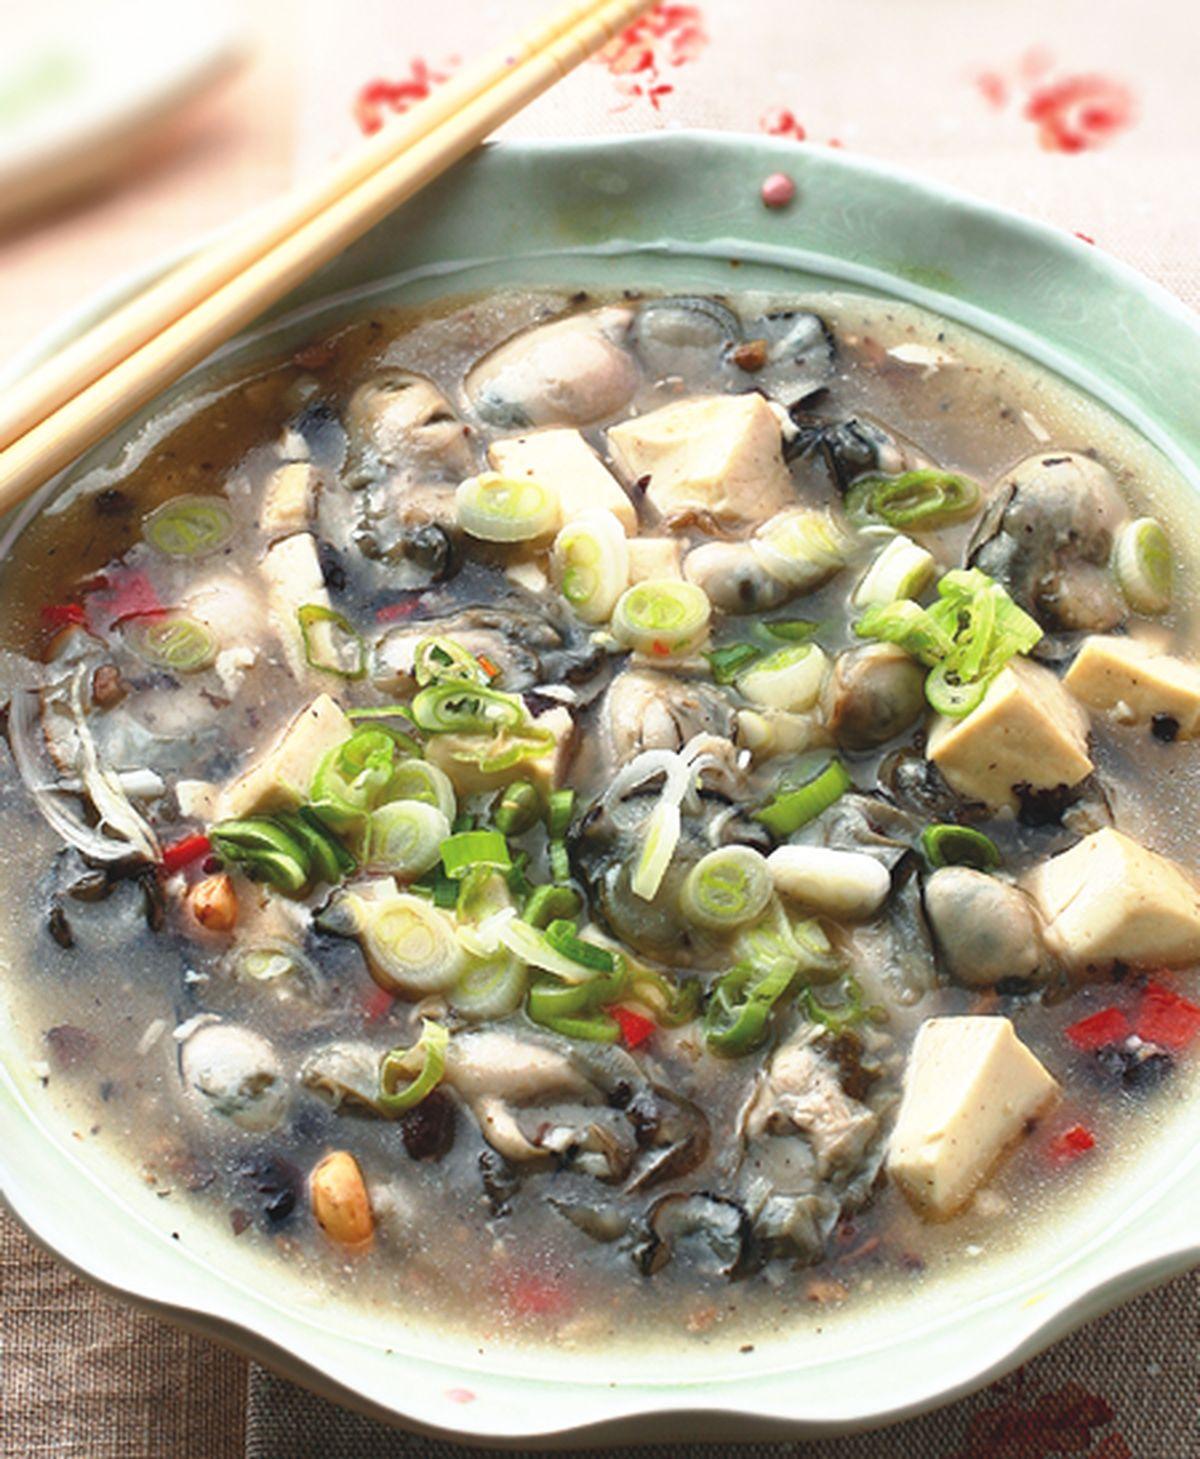 食譜:豆豉鮮蚵(1)